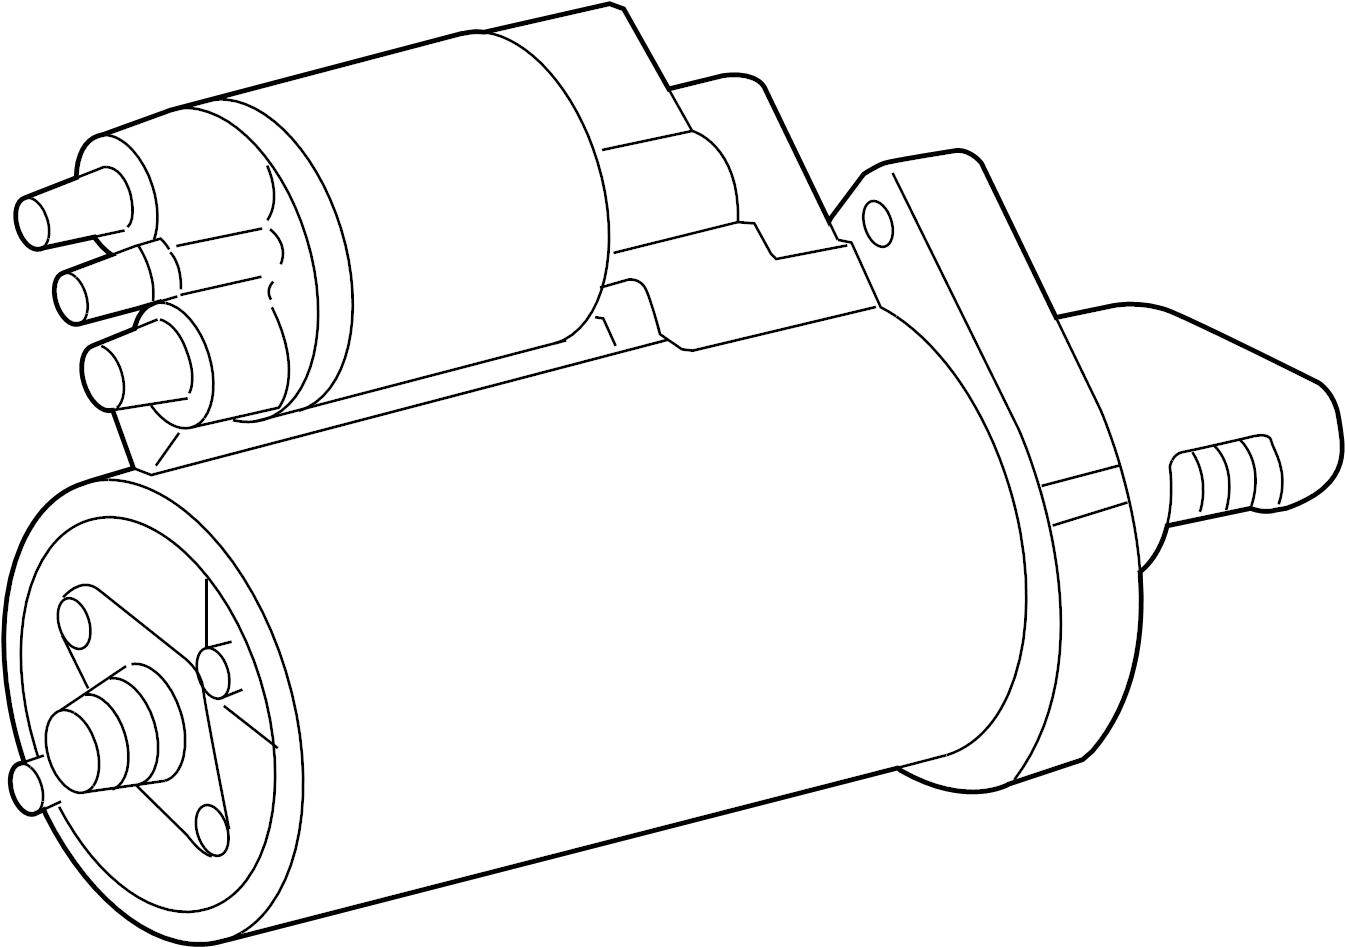 Mercedes-Benz GL320 Starter motor. Starting motor. From 03